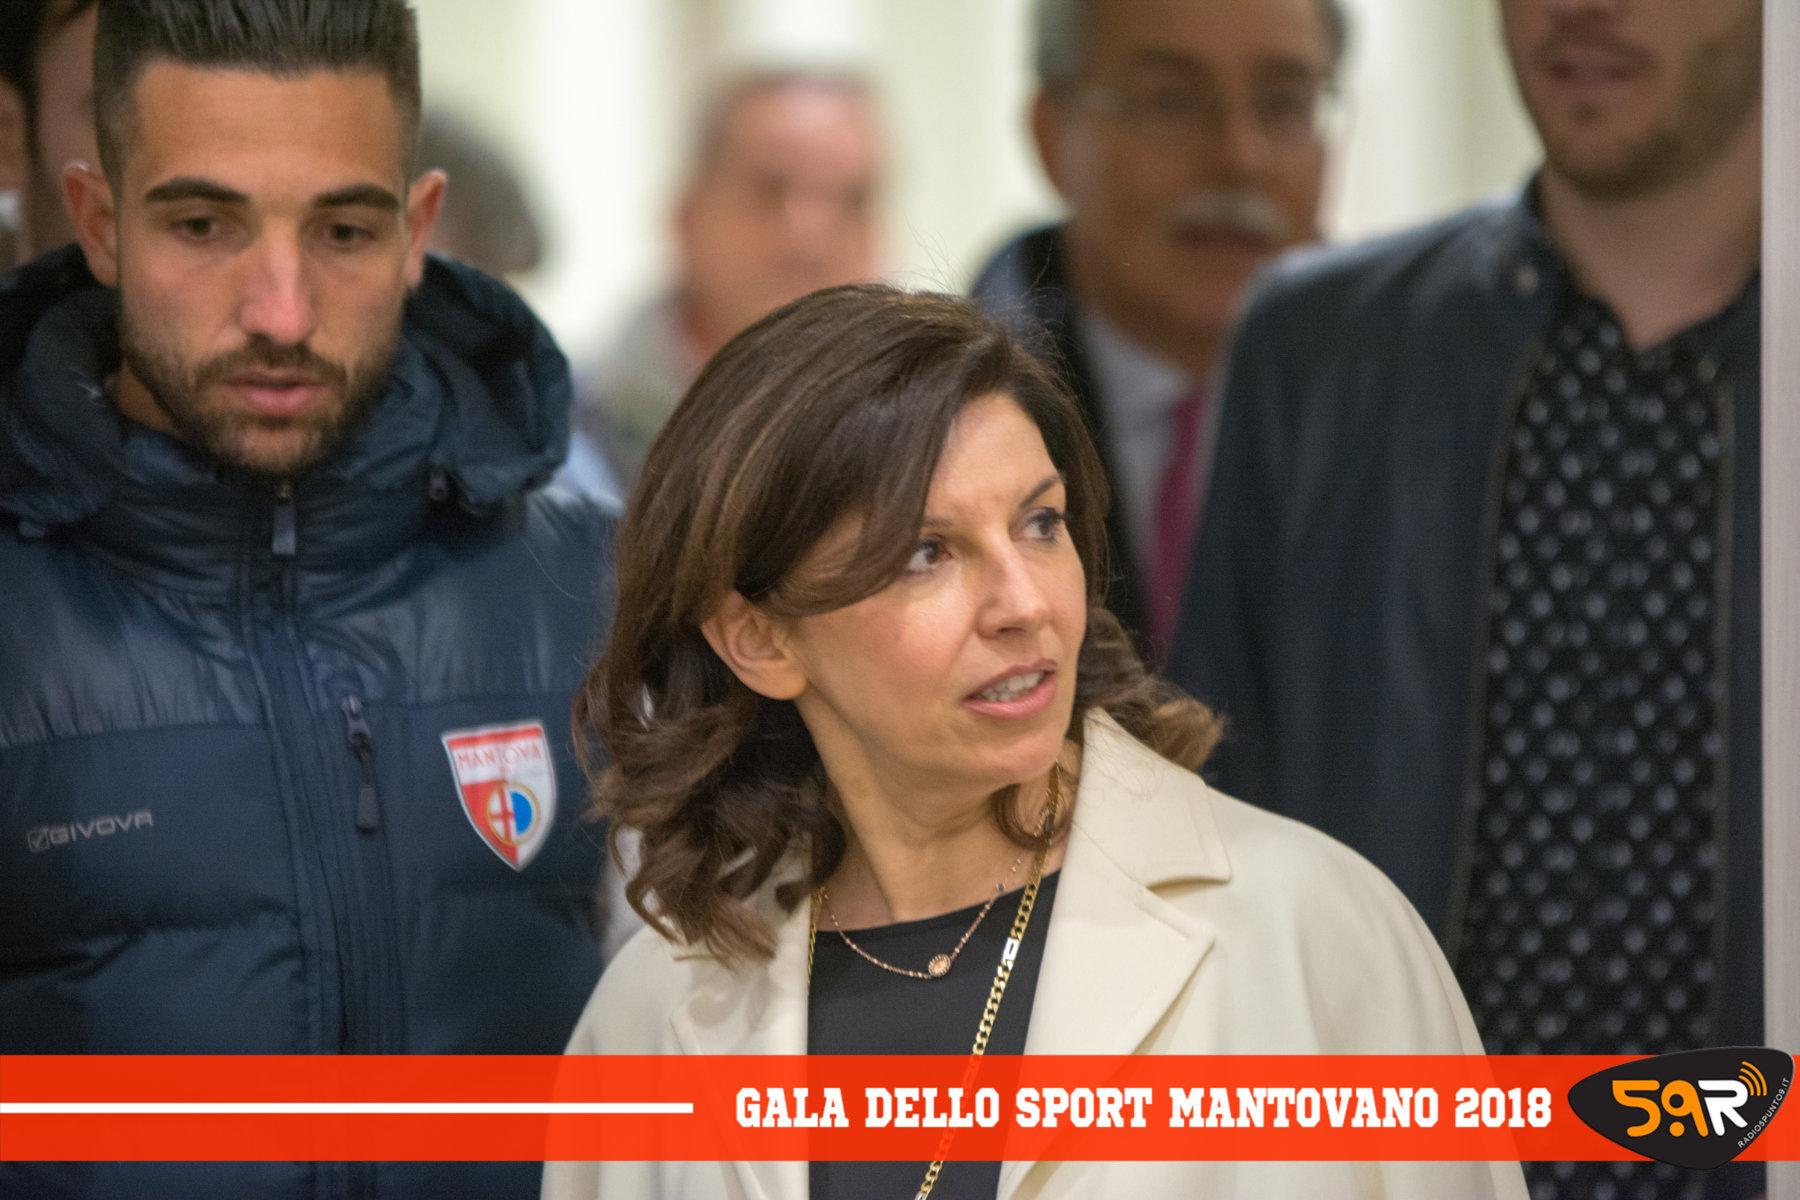 Gala dello Sport Mantovano 2018 Web Radio 5 (61)